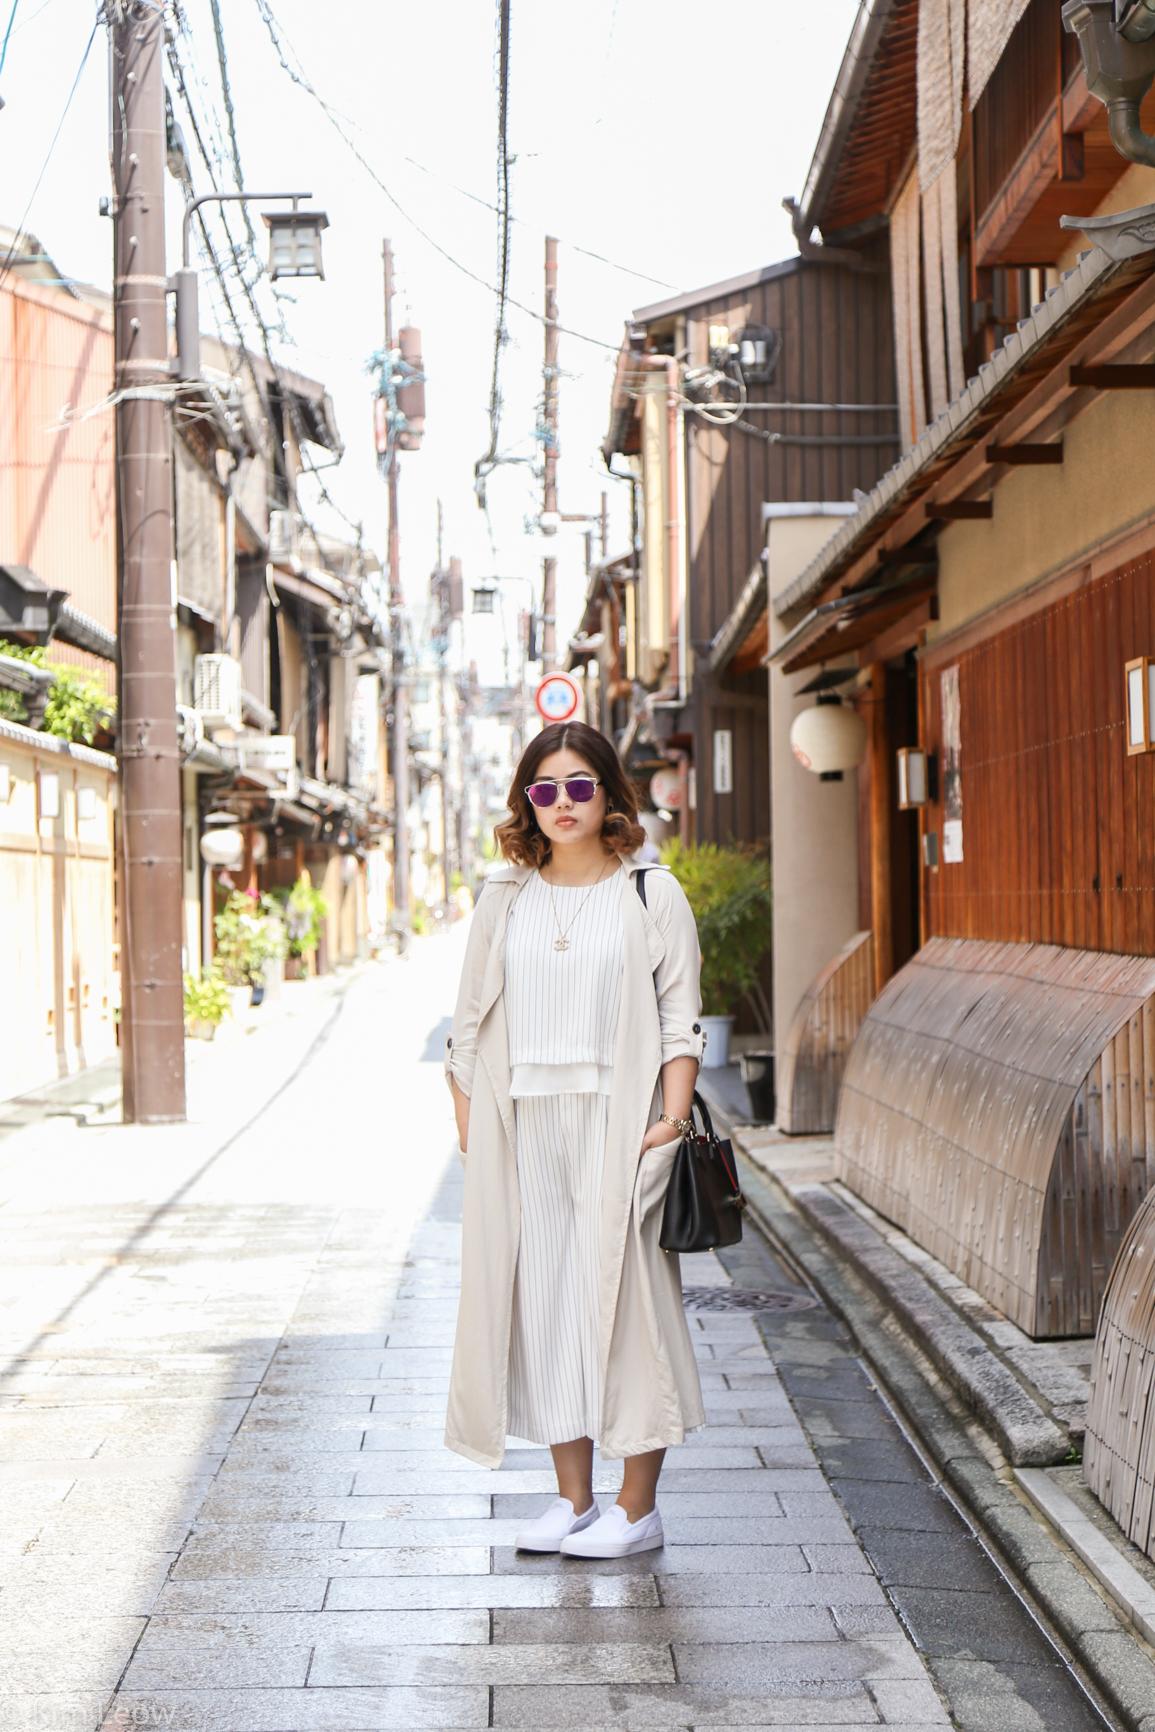 kimleow_cherryblossom_kyoto_travel-2.jpg